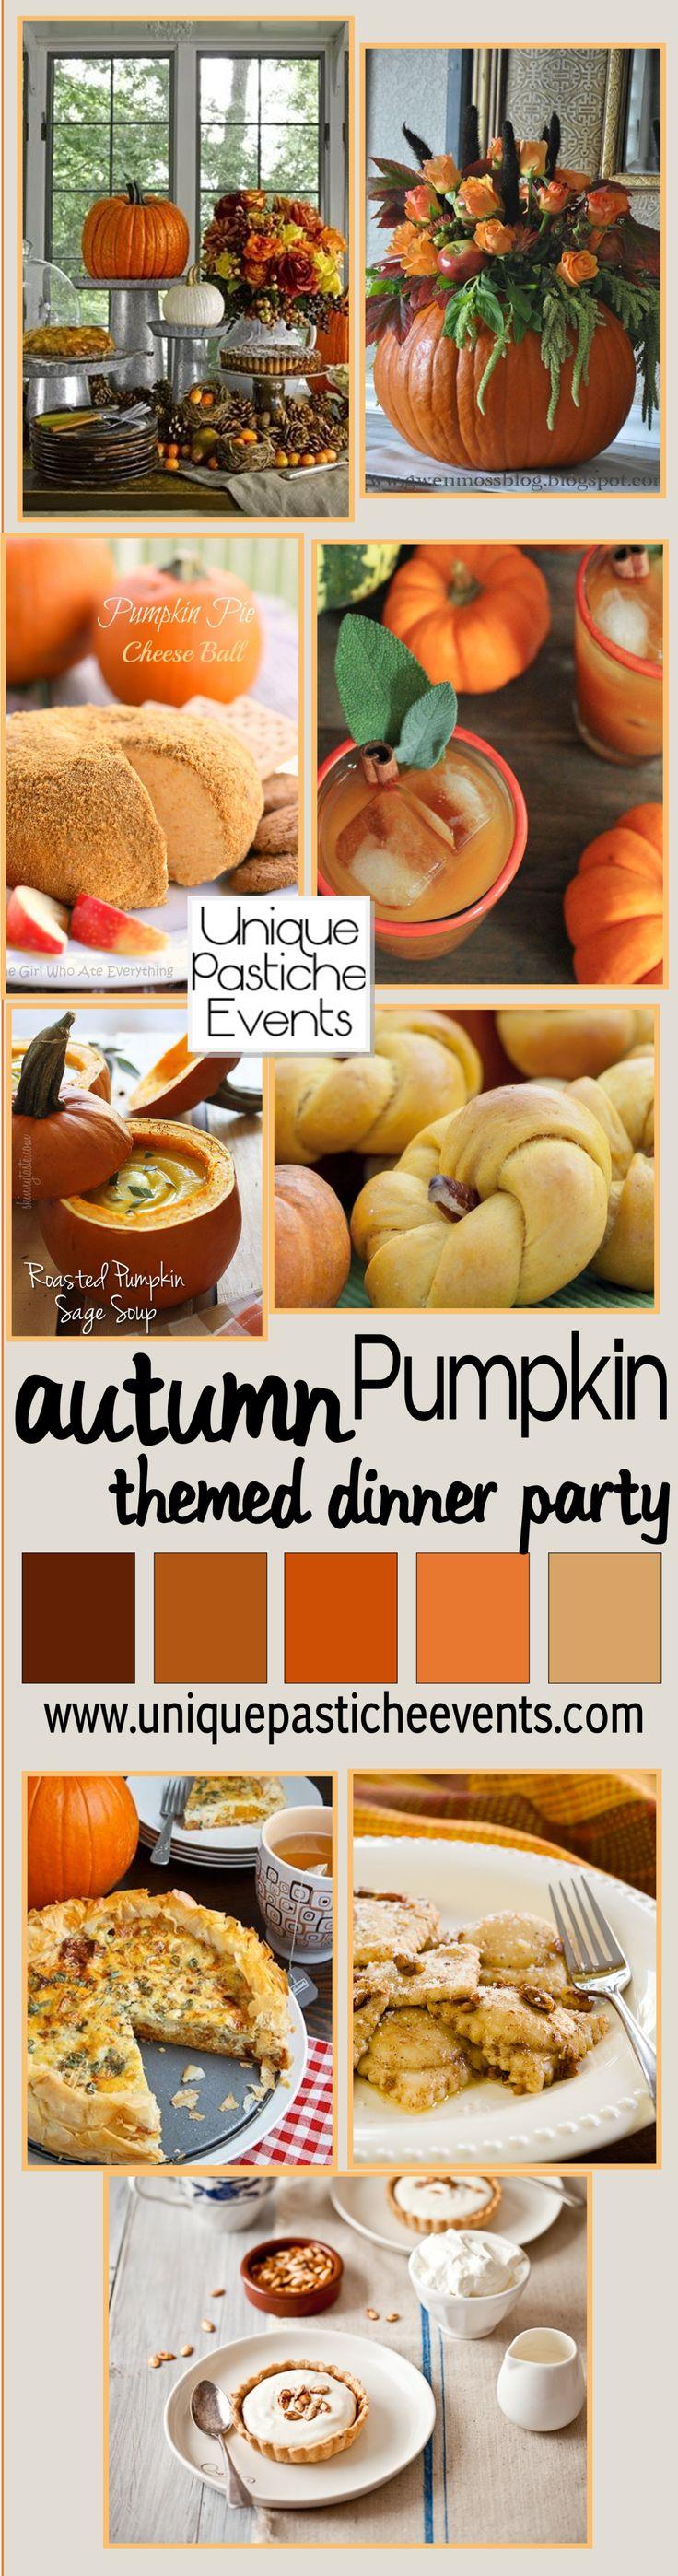 Pumpkin Themed Dinner Party Menu                                                                                                                                                                                 More